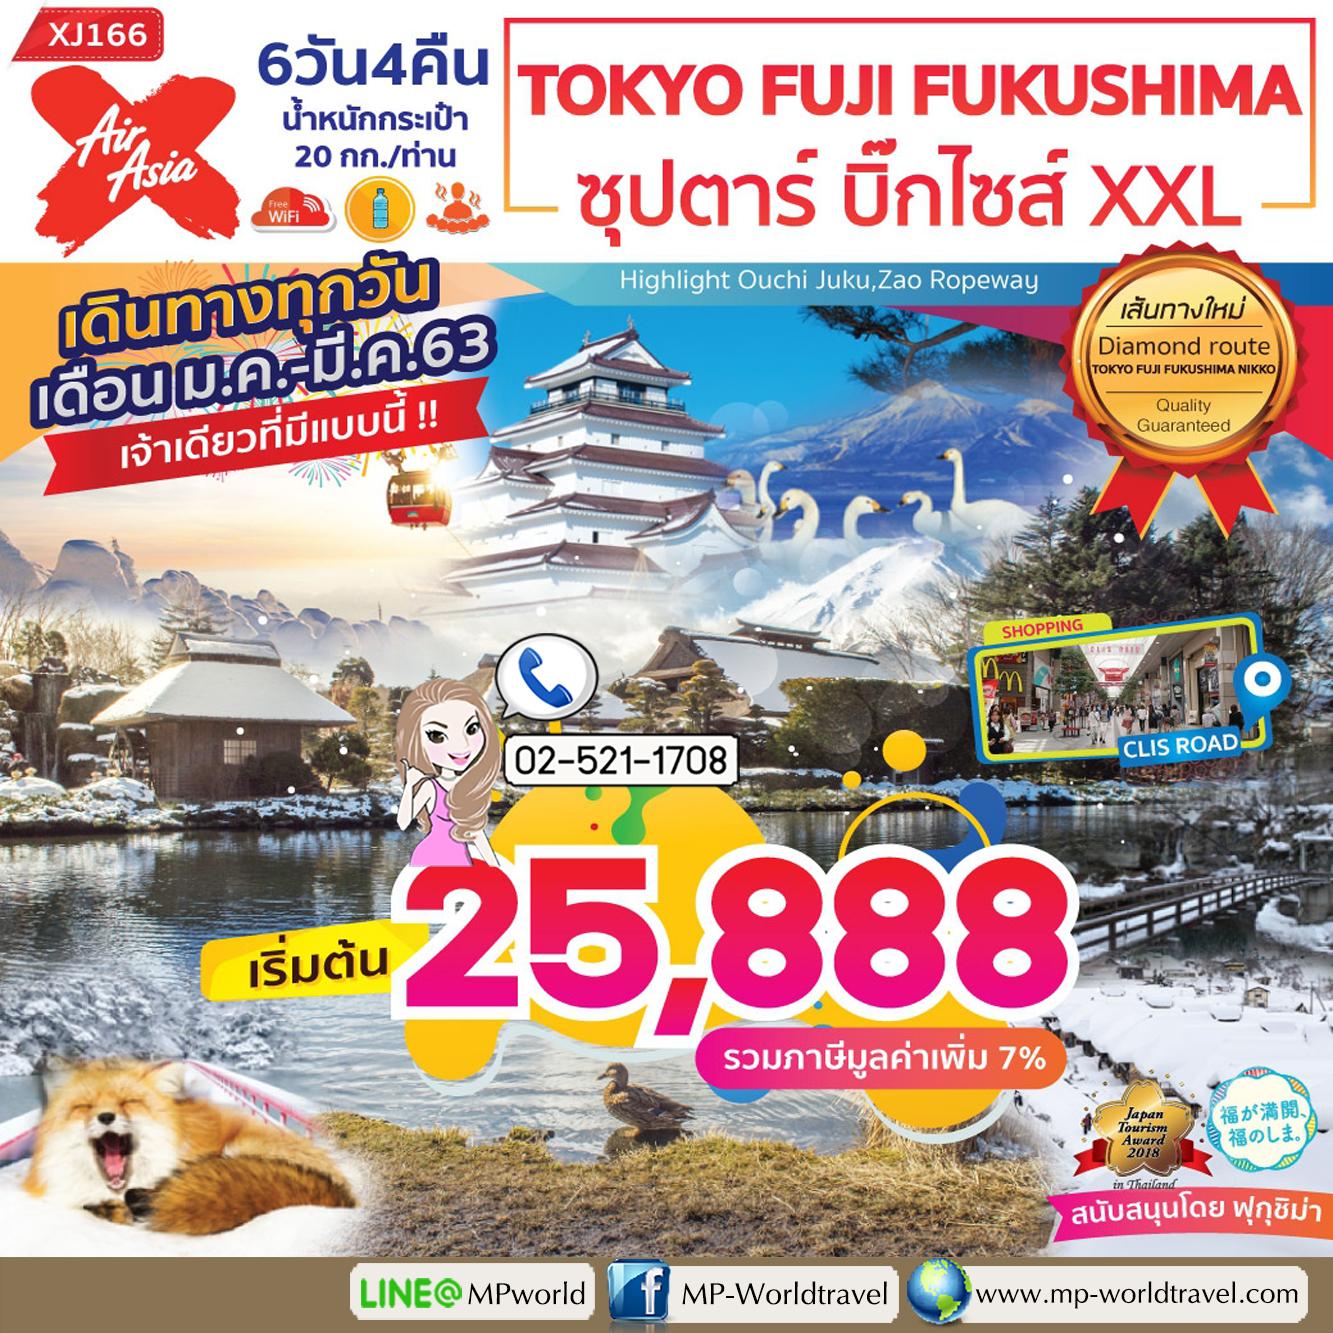 XJ166 TOKYO FUJI FUKUSHIMA SENDAI NIKKO 6D4N ซุปตาร์ บิ๊กไซส์ XXL BY XJ